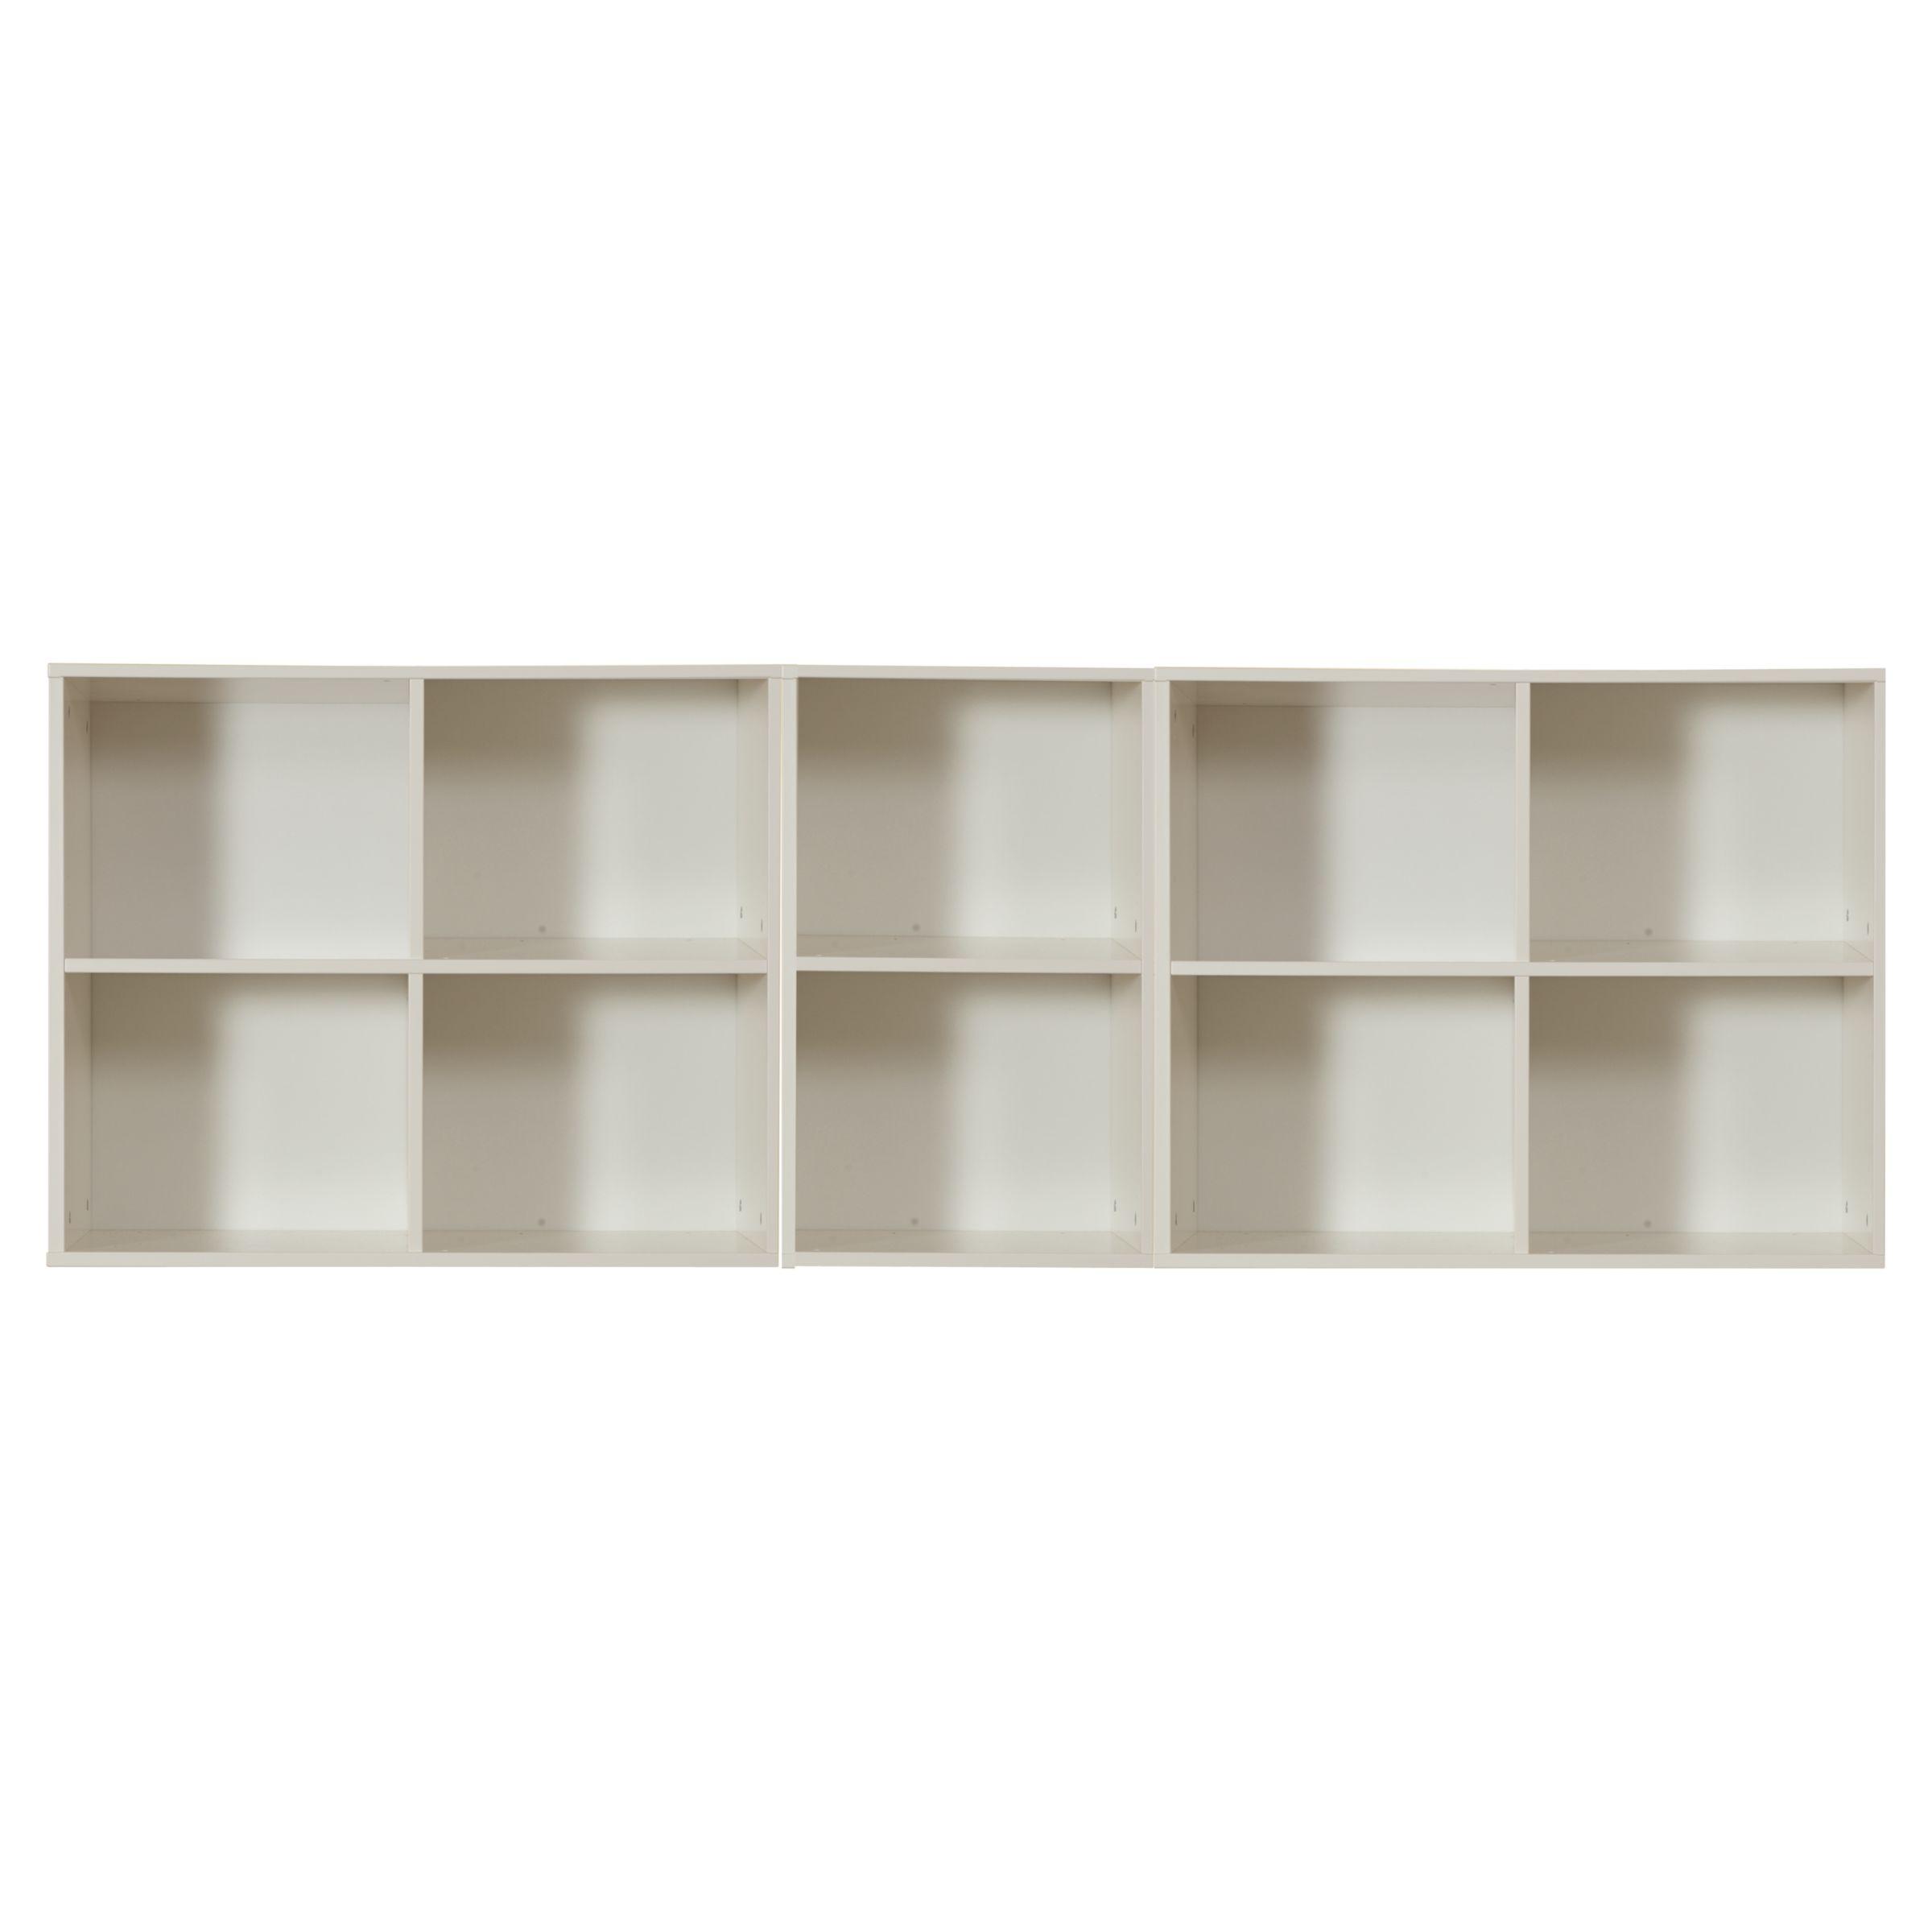 Stompa Stompa Uno S Plus Wide 3 Unit Storage Combination, White